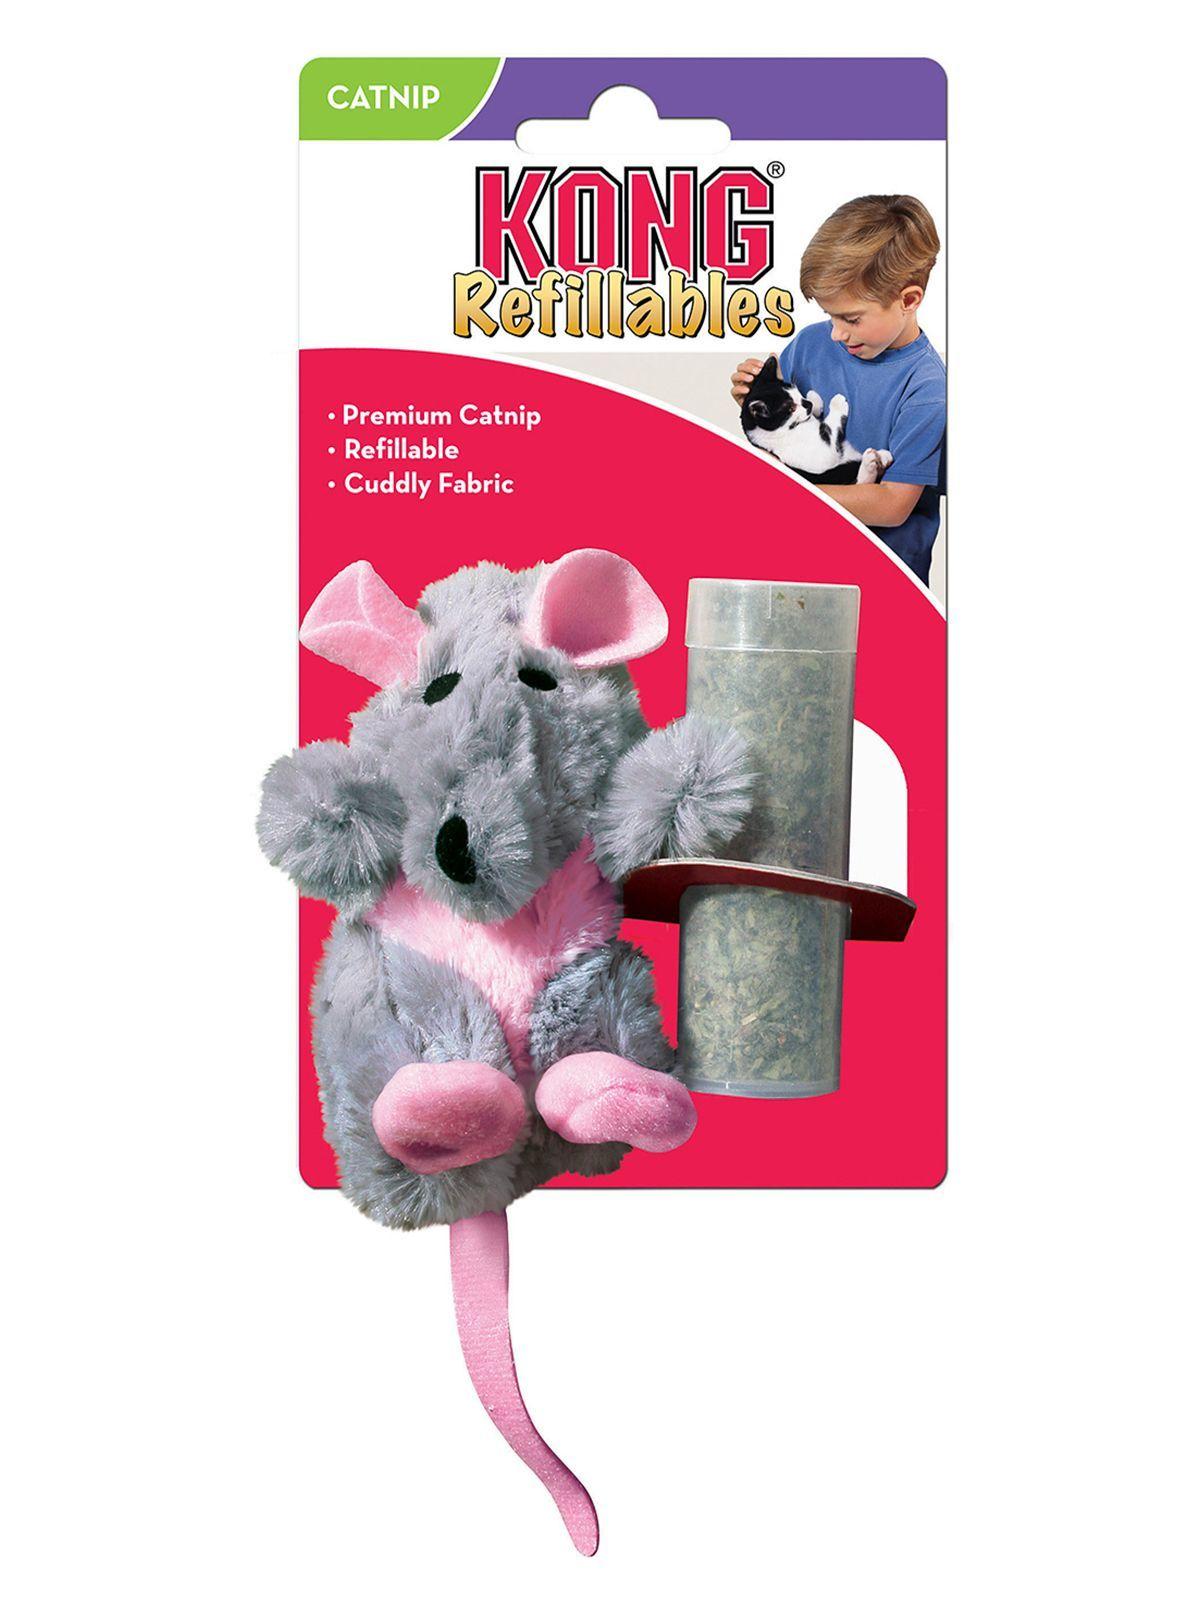 """Игрушки Игрушка для кошек KONG """"Крыса"""" 12 см плюш с тубом кошачьей мяты NR45.jpeg"""